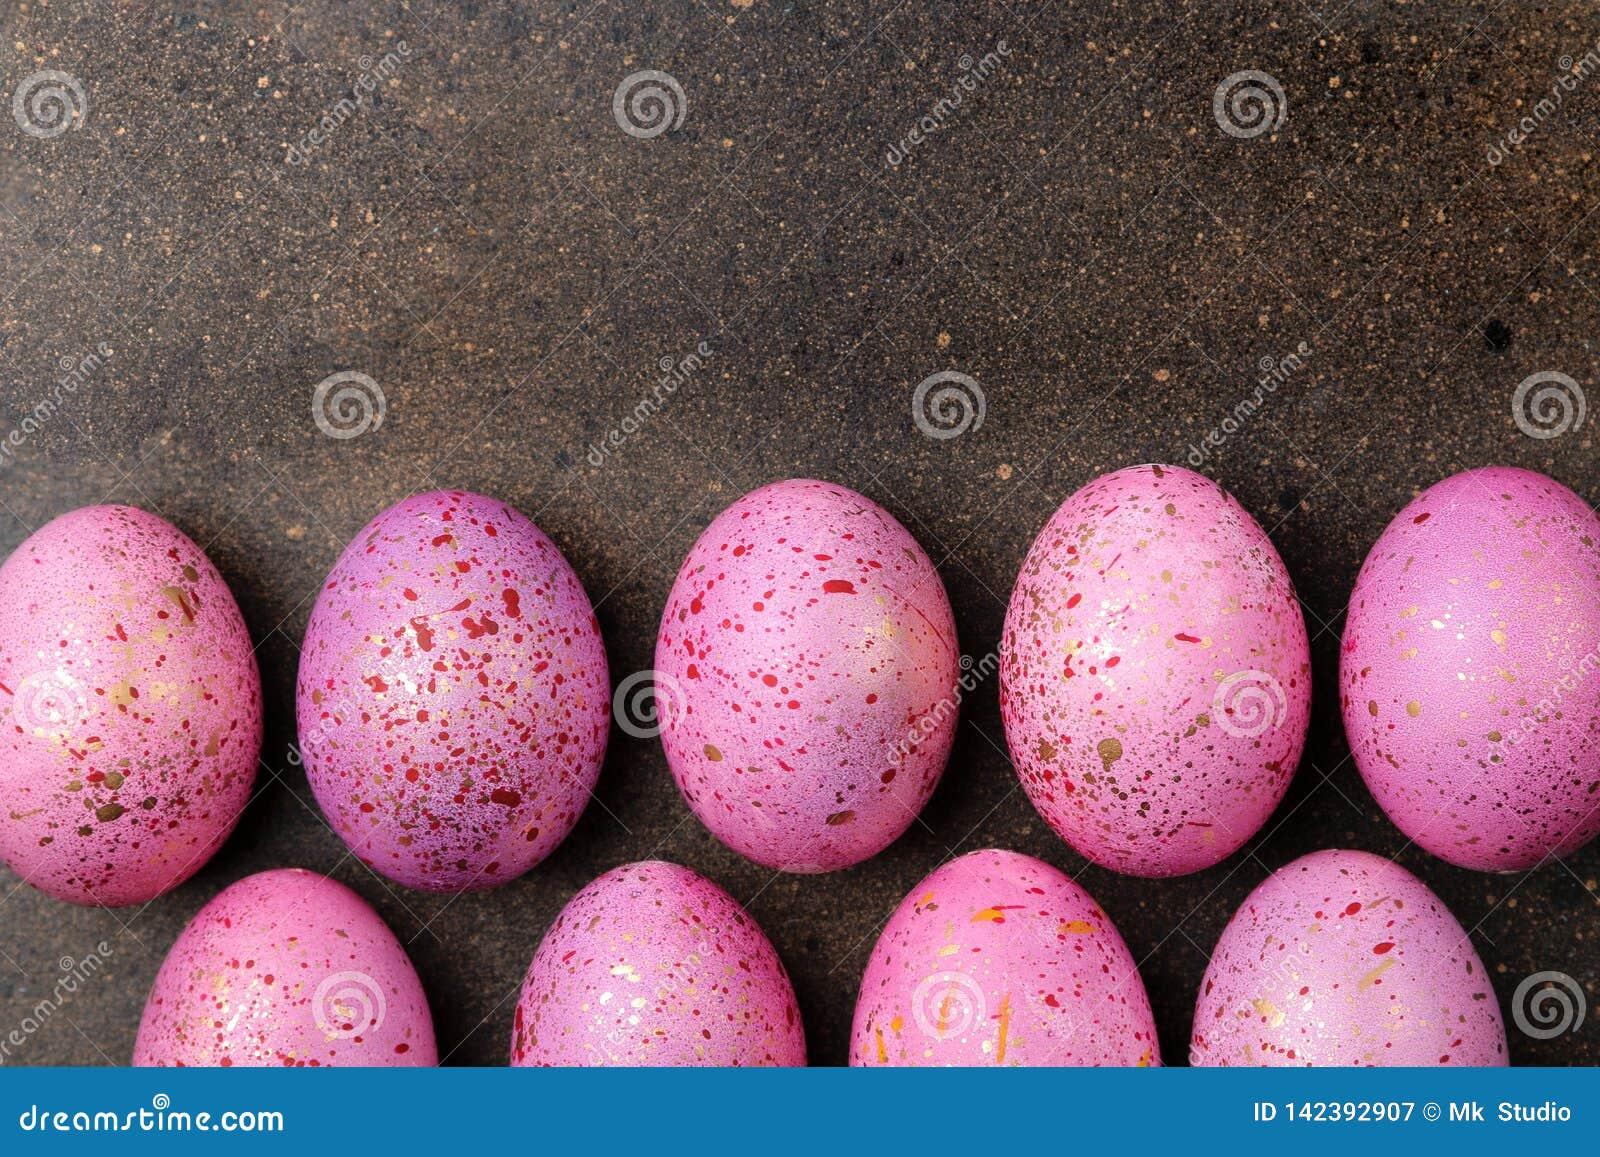 Πάσχα ρόδινα αυγά Πάσχας στο σκοτεινό υπόβαθρο Πλαίσιο των αυγών Πάσχα ευτυχές διακοπές Τοπ όψη Ελεύθερη θέση